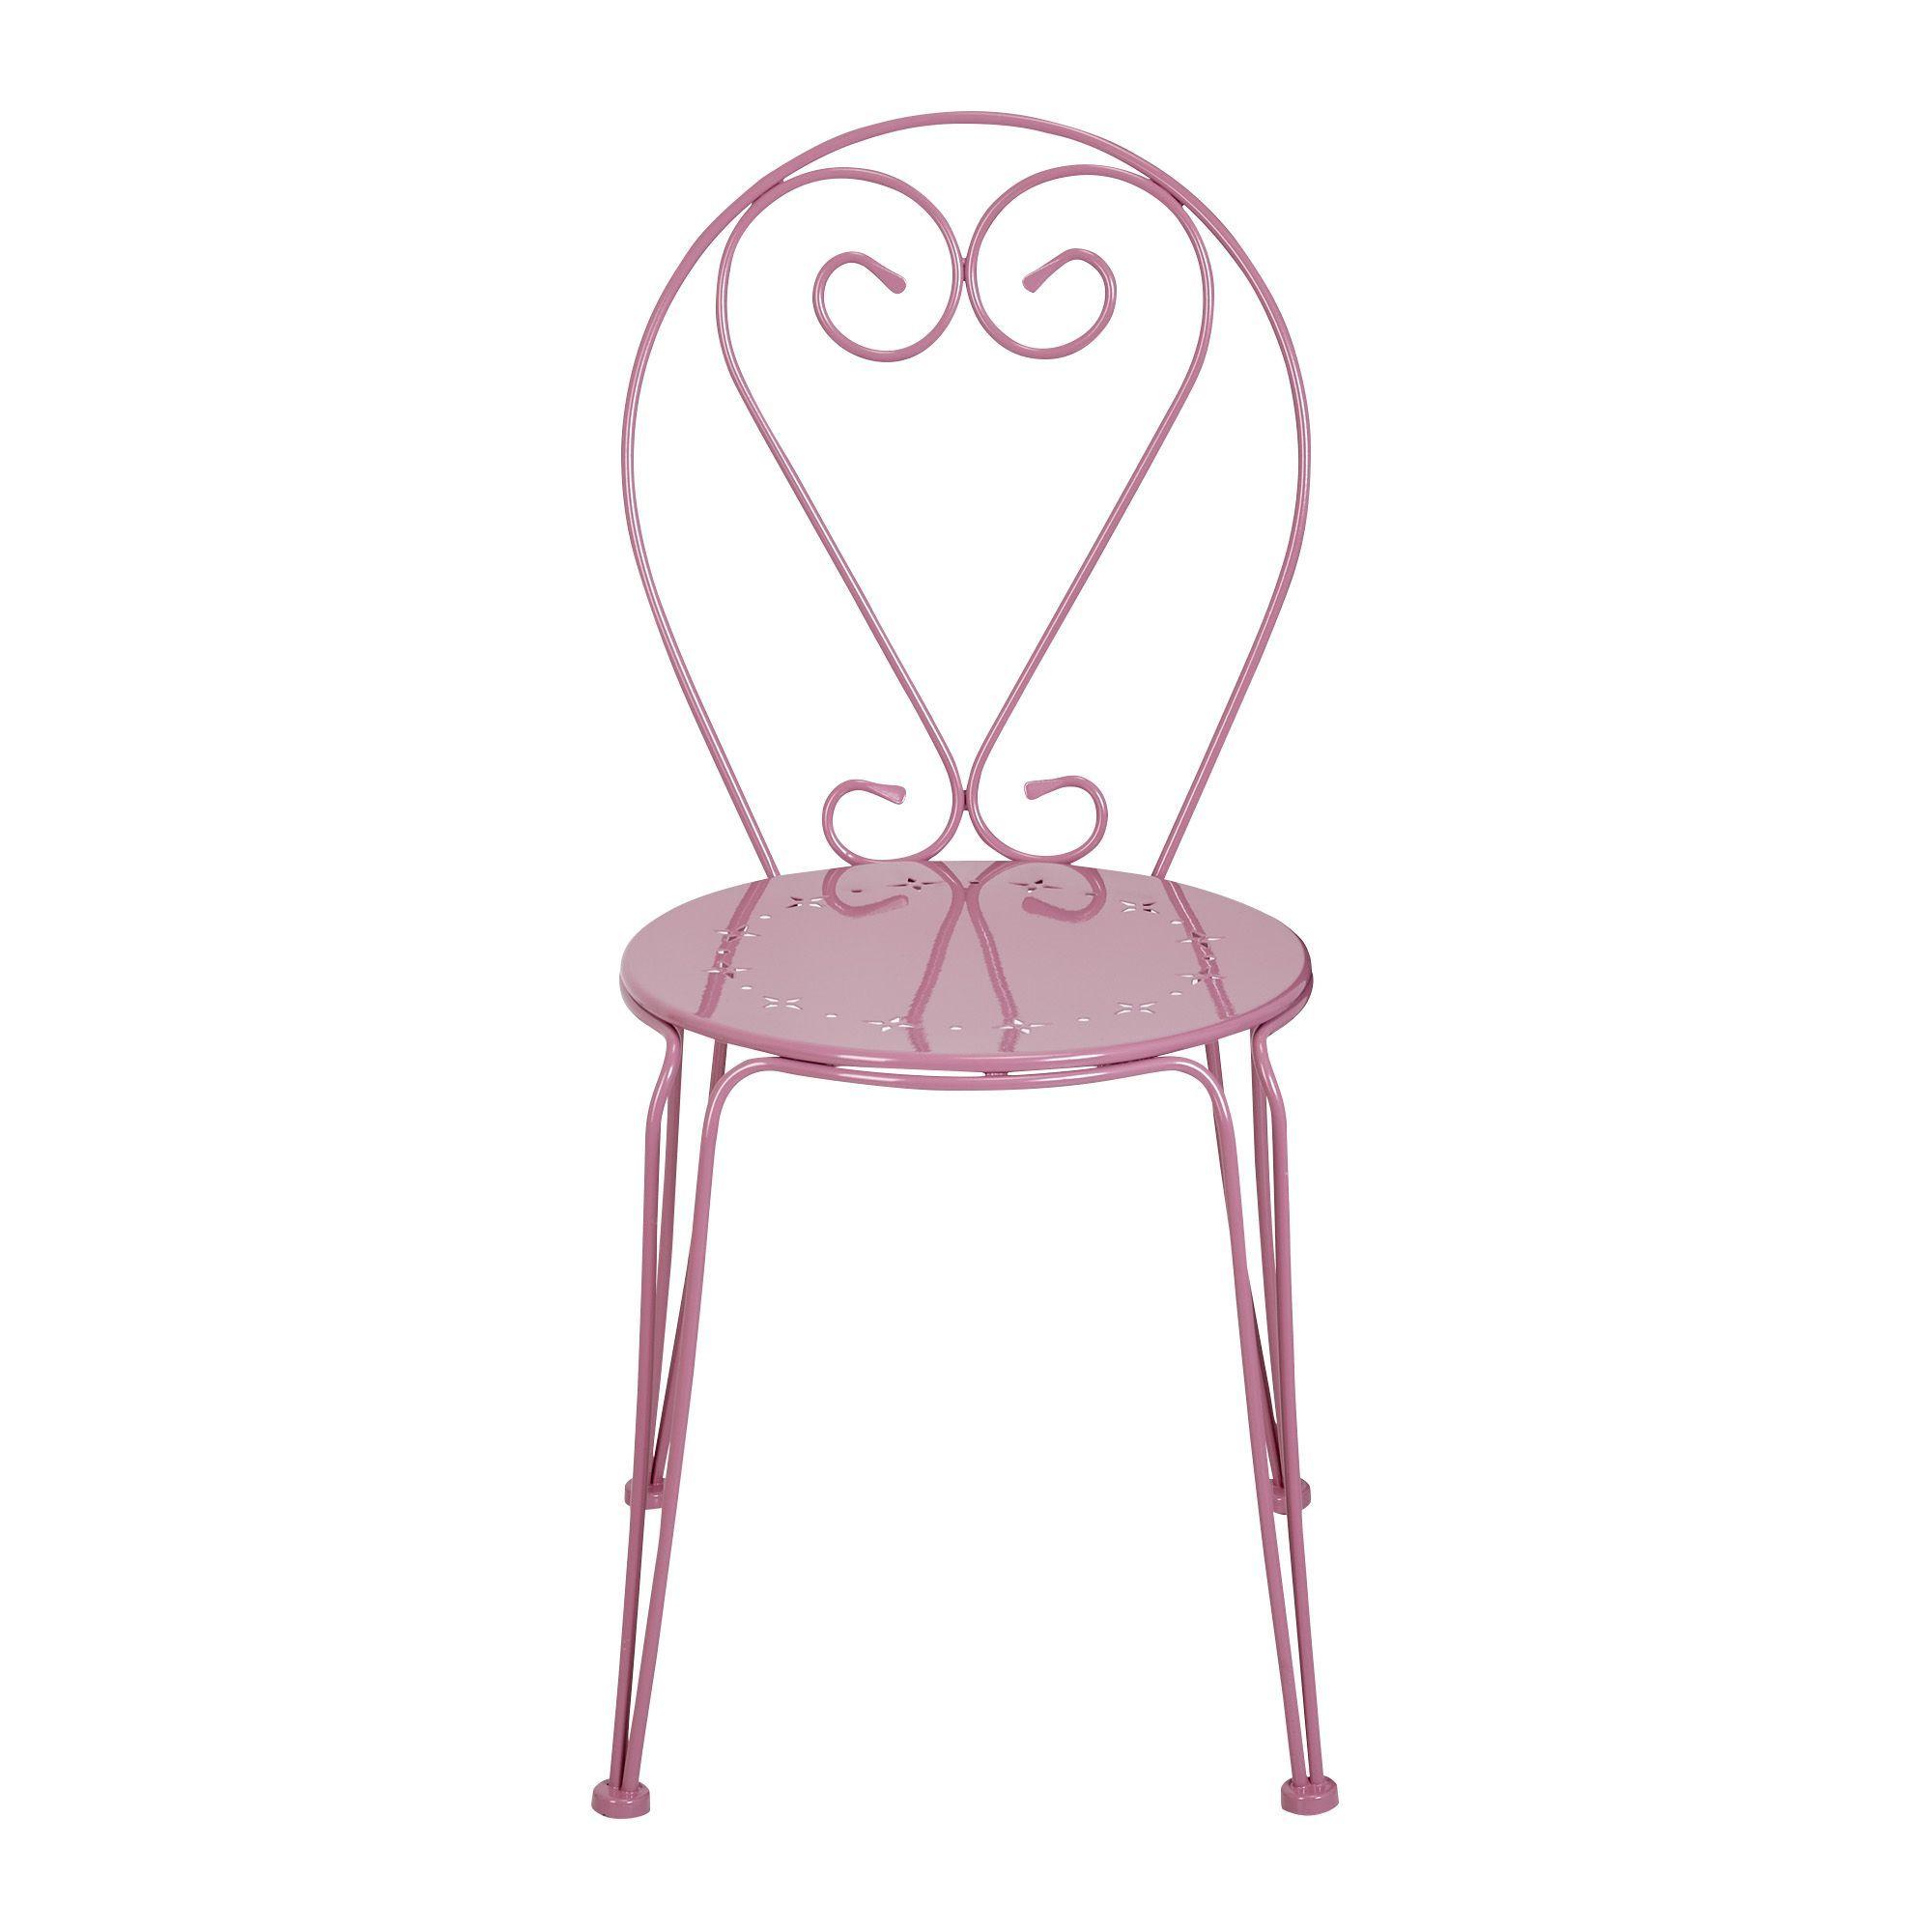 Chaise Romance pour salon de jardin | Mobilier de jardin | Pinterest